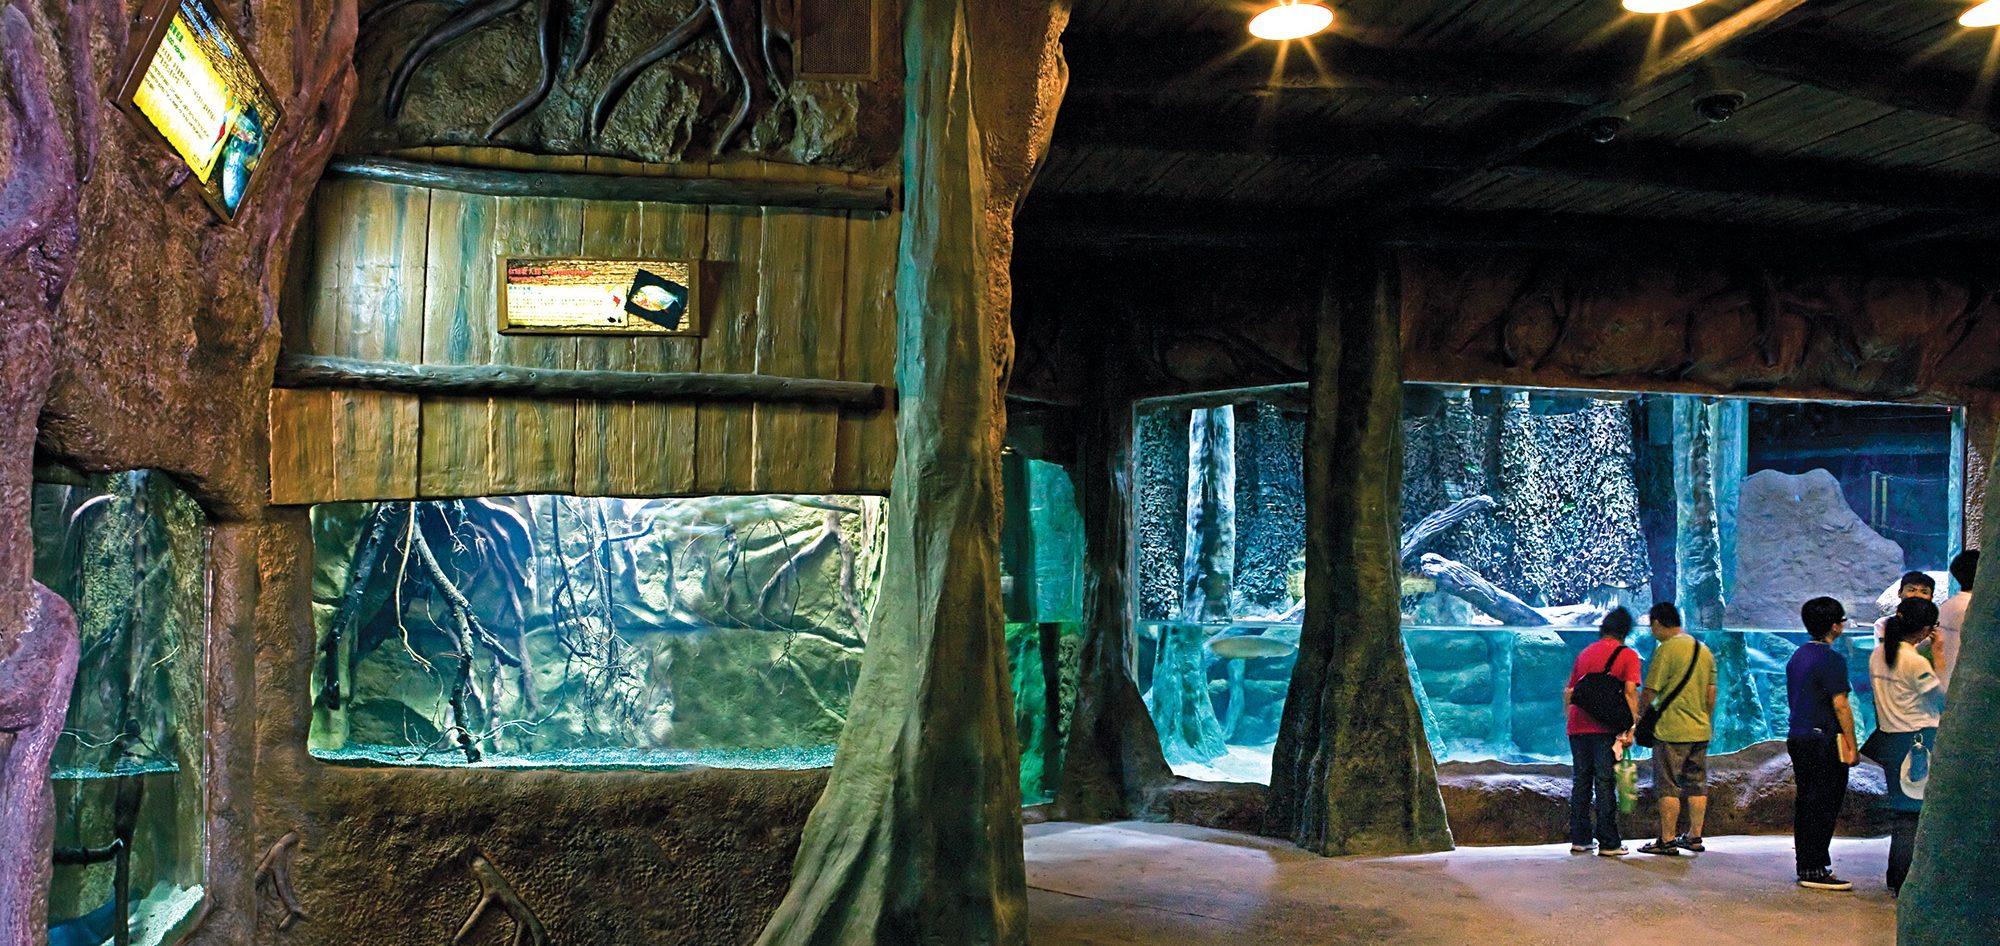 香港海洋公園高峰樂園熱帶雨林天地